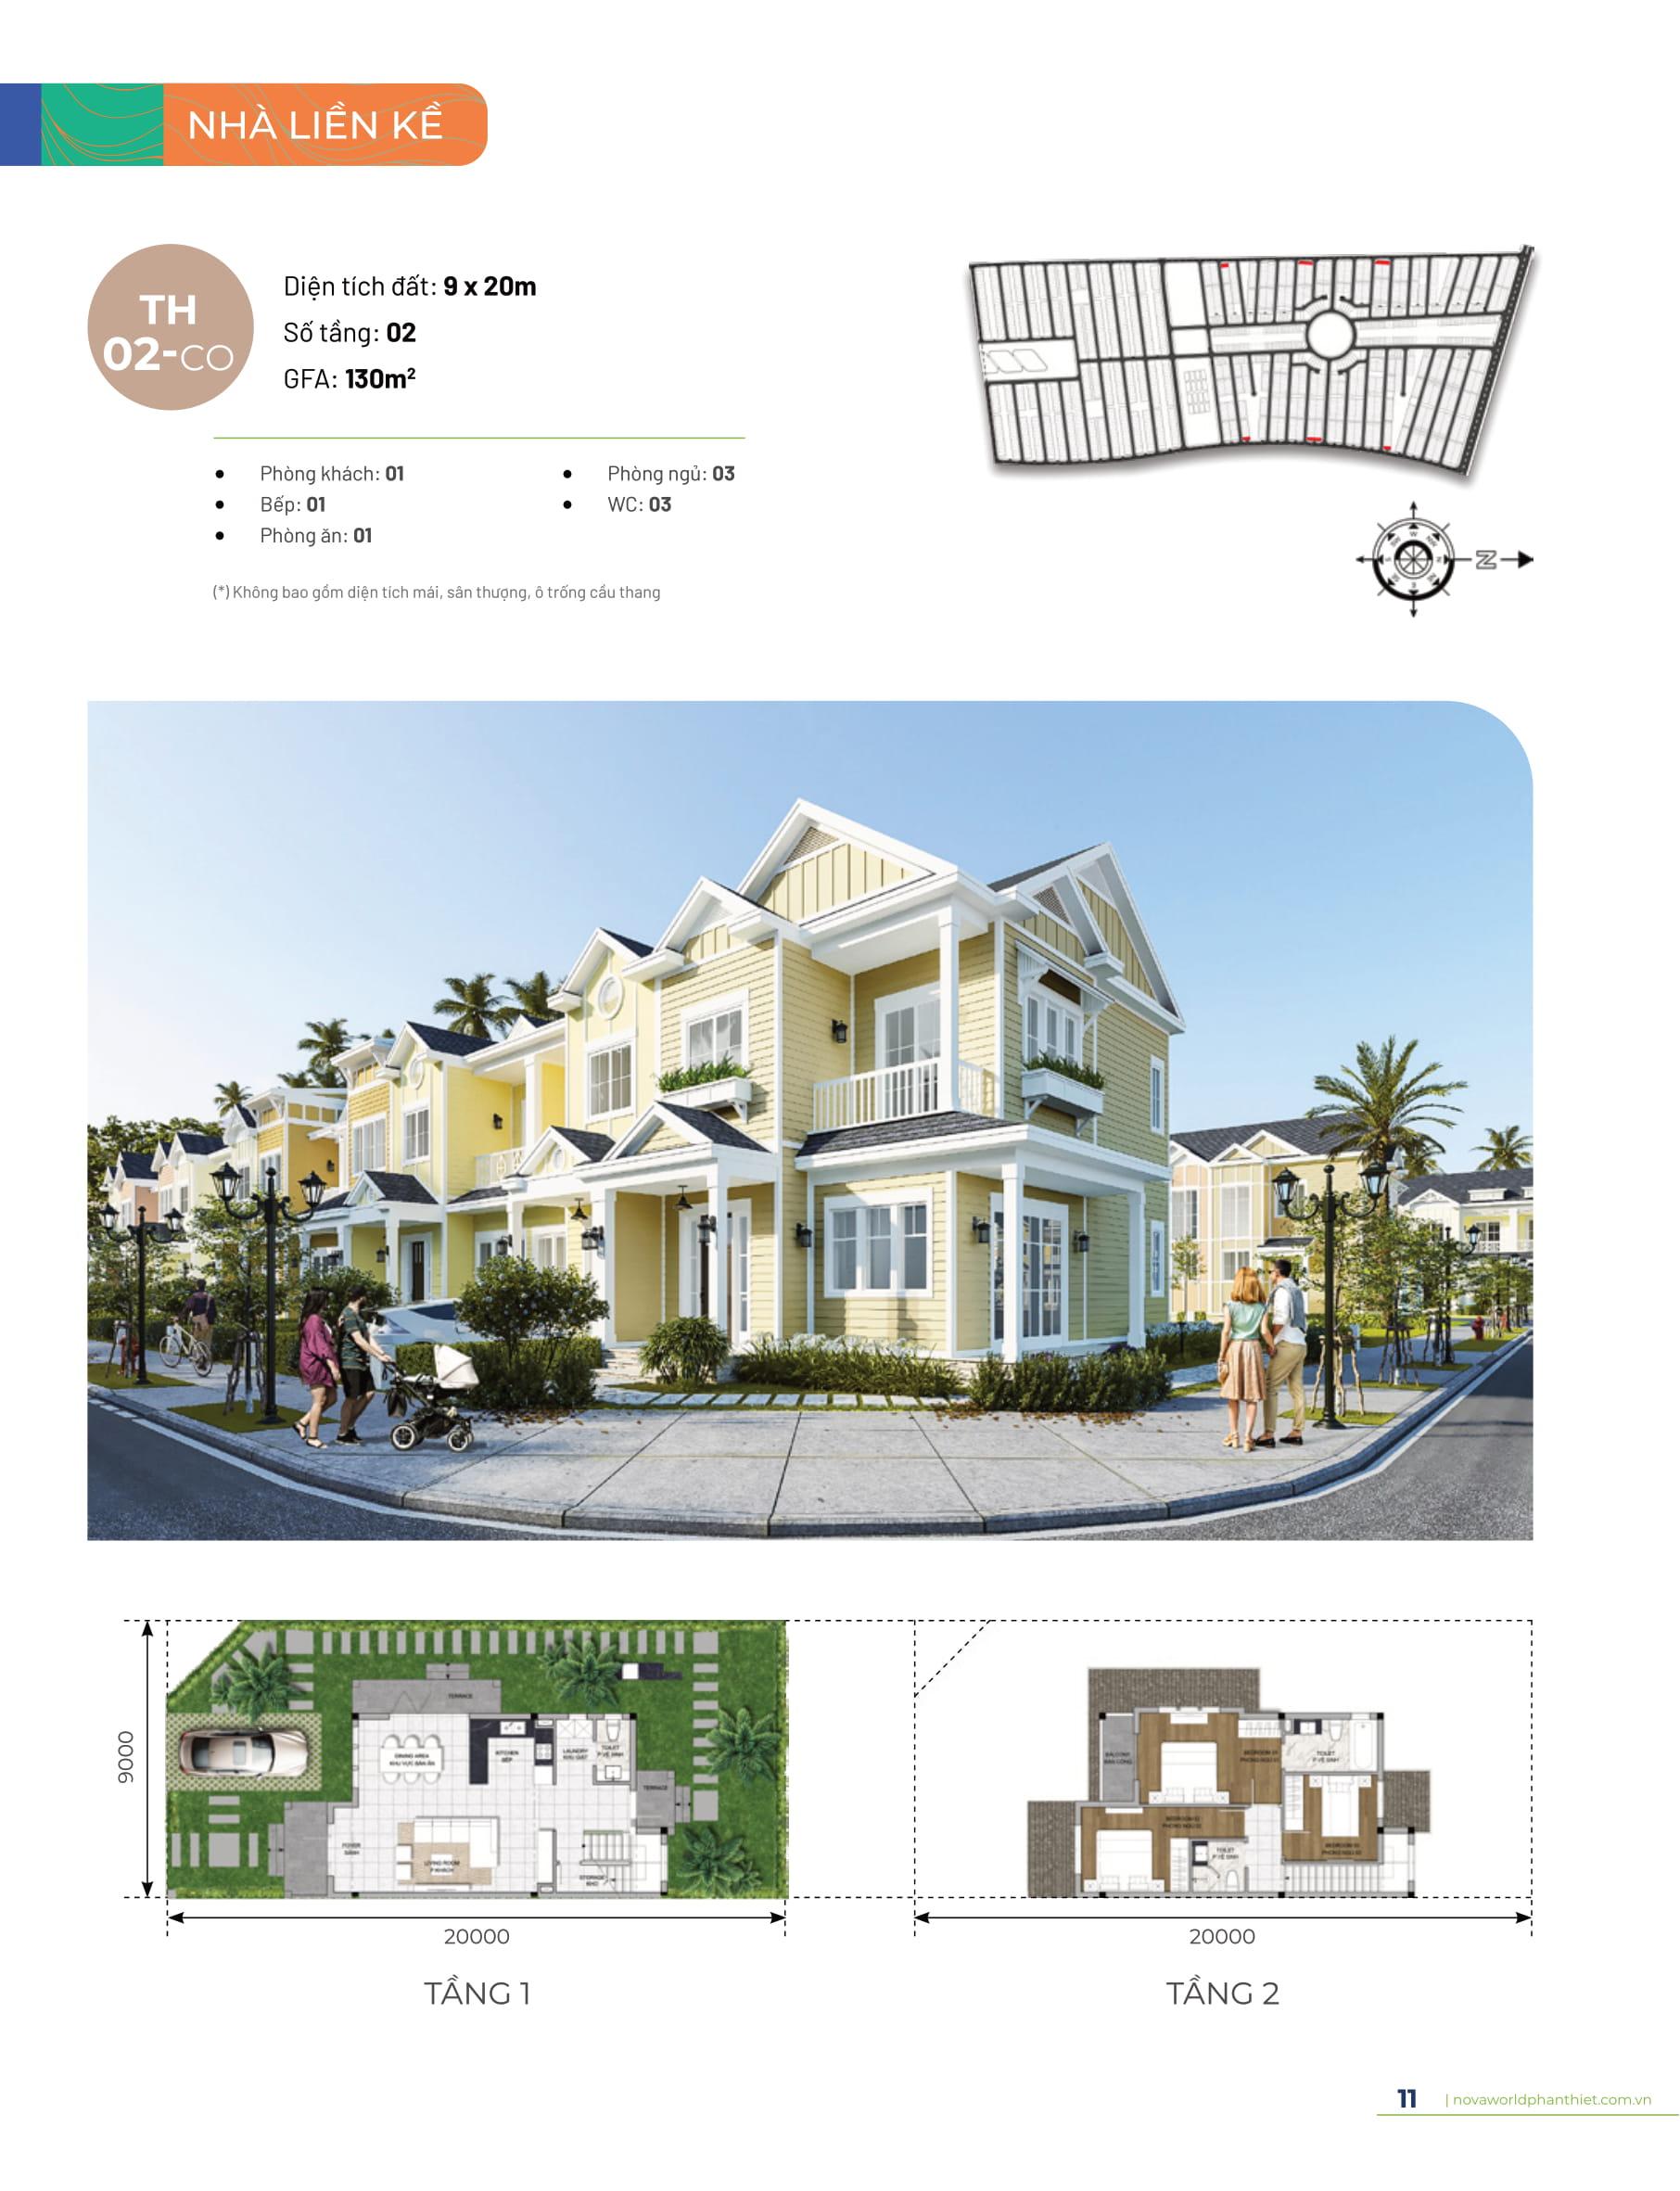 mb-nwp-plans-4b-210820-10